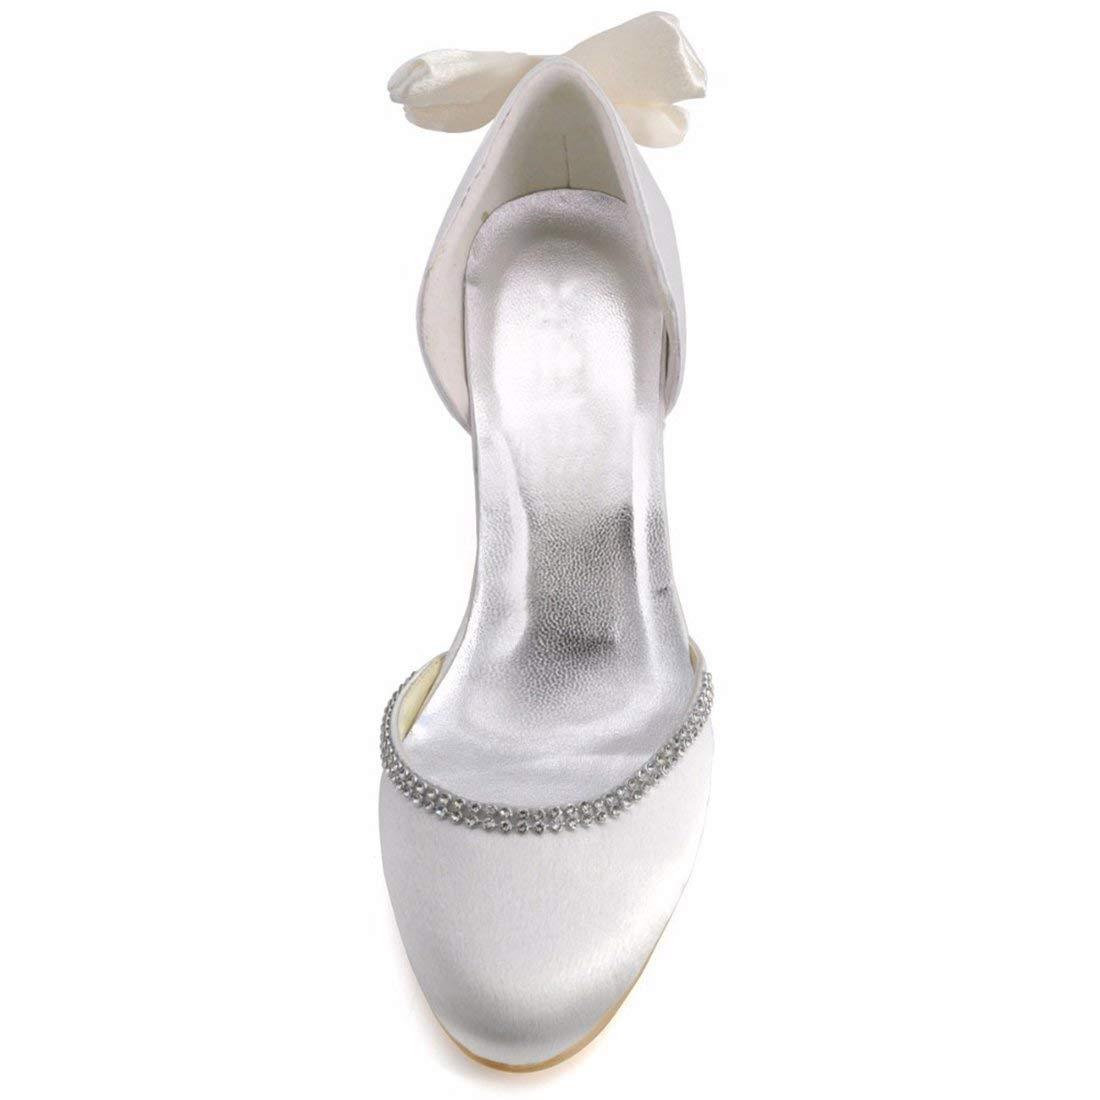 ZHRUI Damen Bowknot 2 2 2 Heel Elfenbein Satin D-Orsay Braut Hochzeit Outdoor Schuhe UK 5 (Farbe   -, Größe   -) 76001d